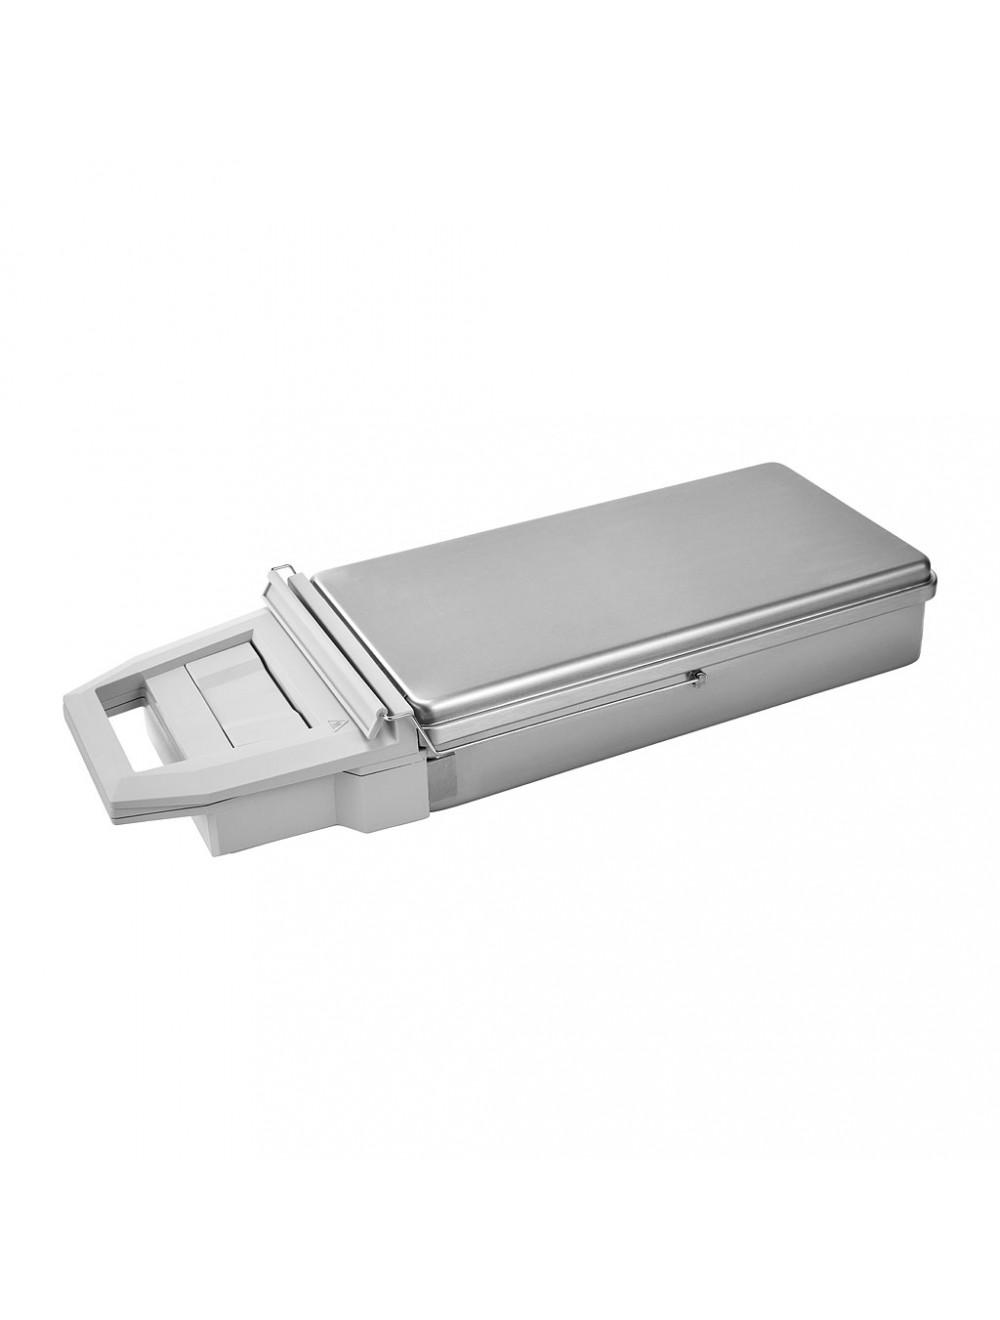 SciCan Erweiterte Kassette komplett für STATIM 5000 G4-Cloud 01-112509S